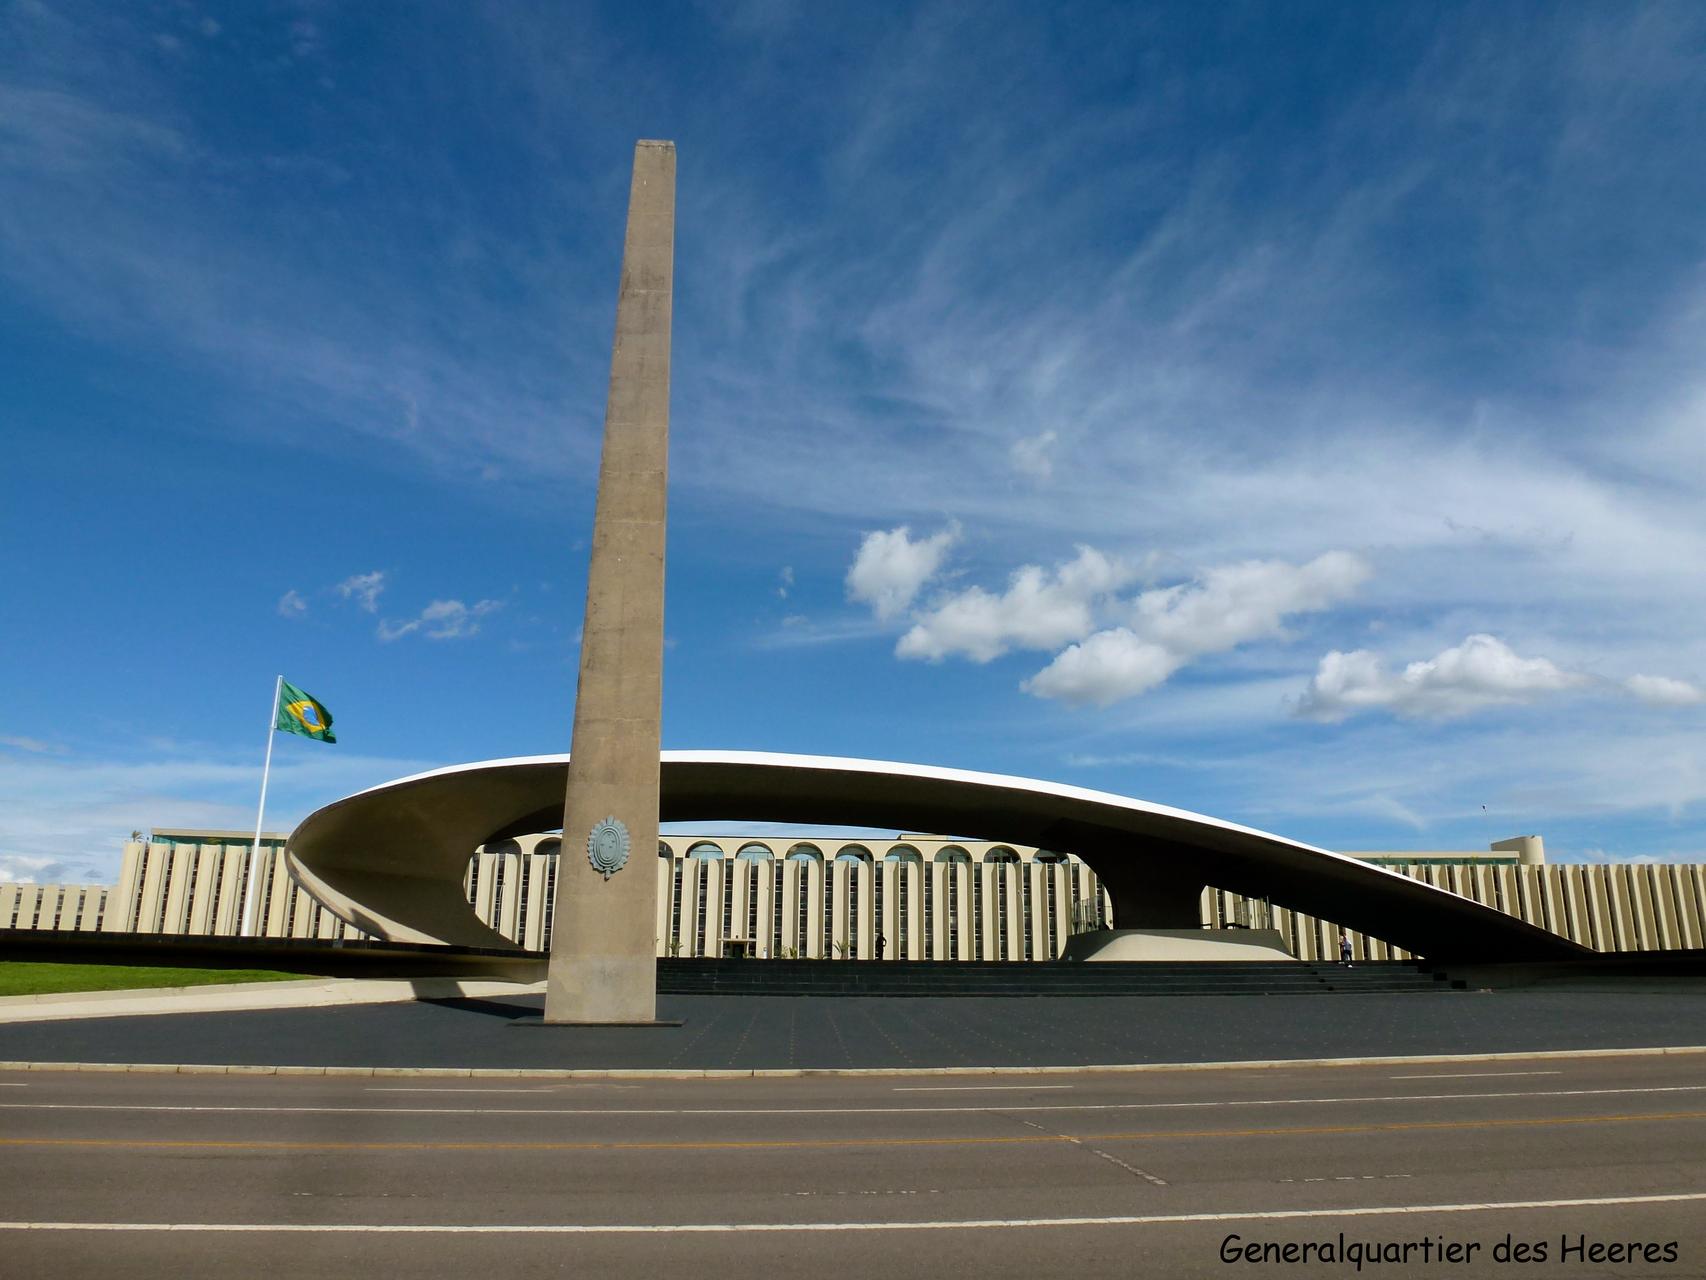 Generalquartier des Heeres